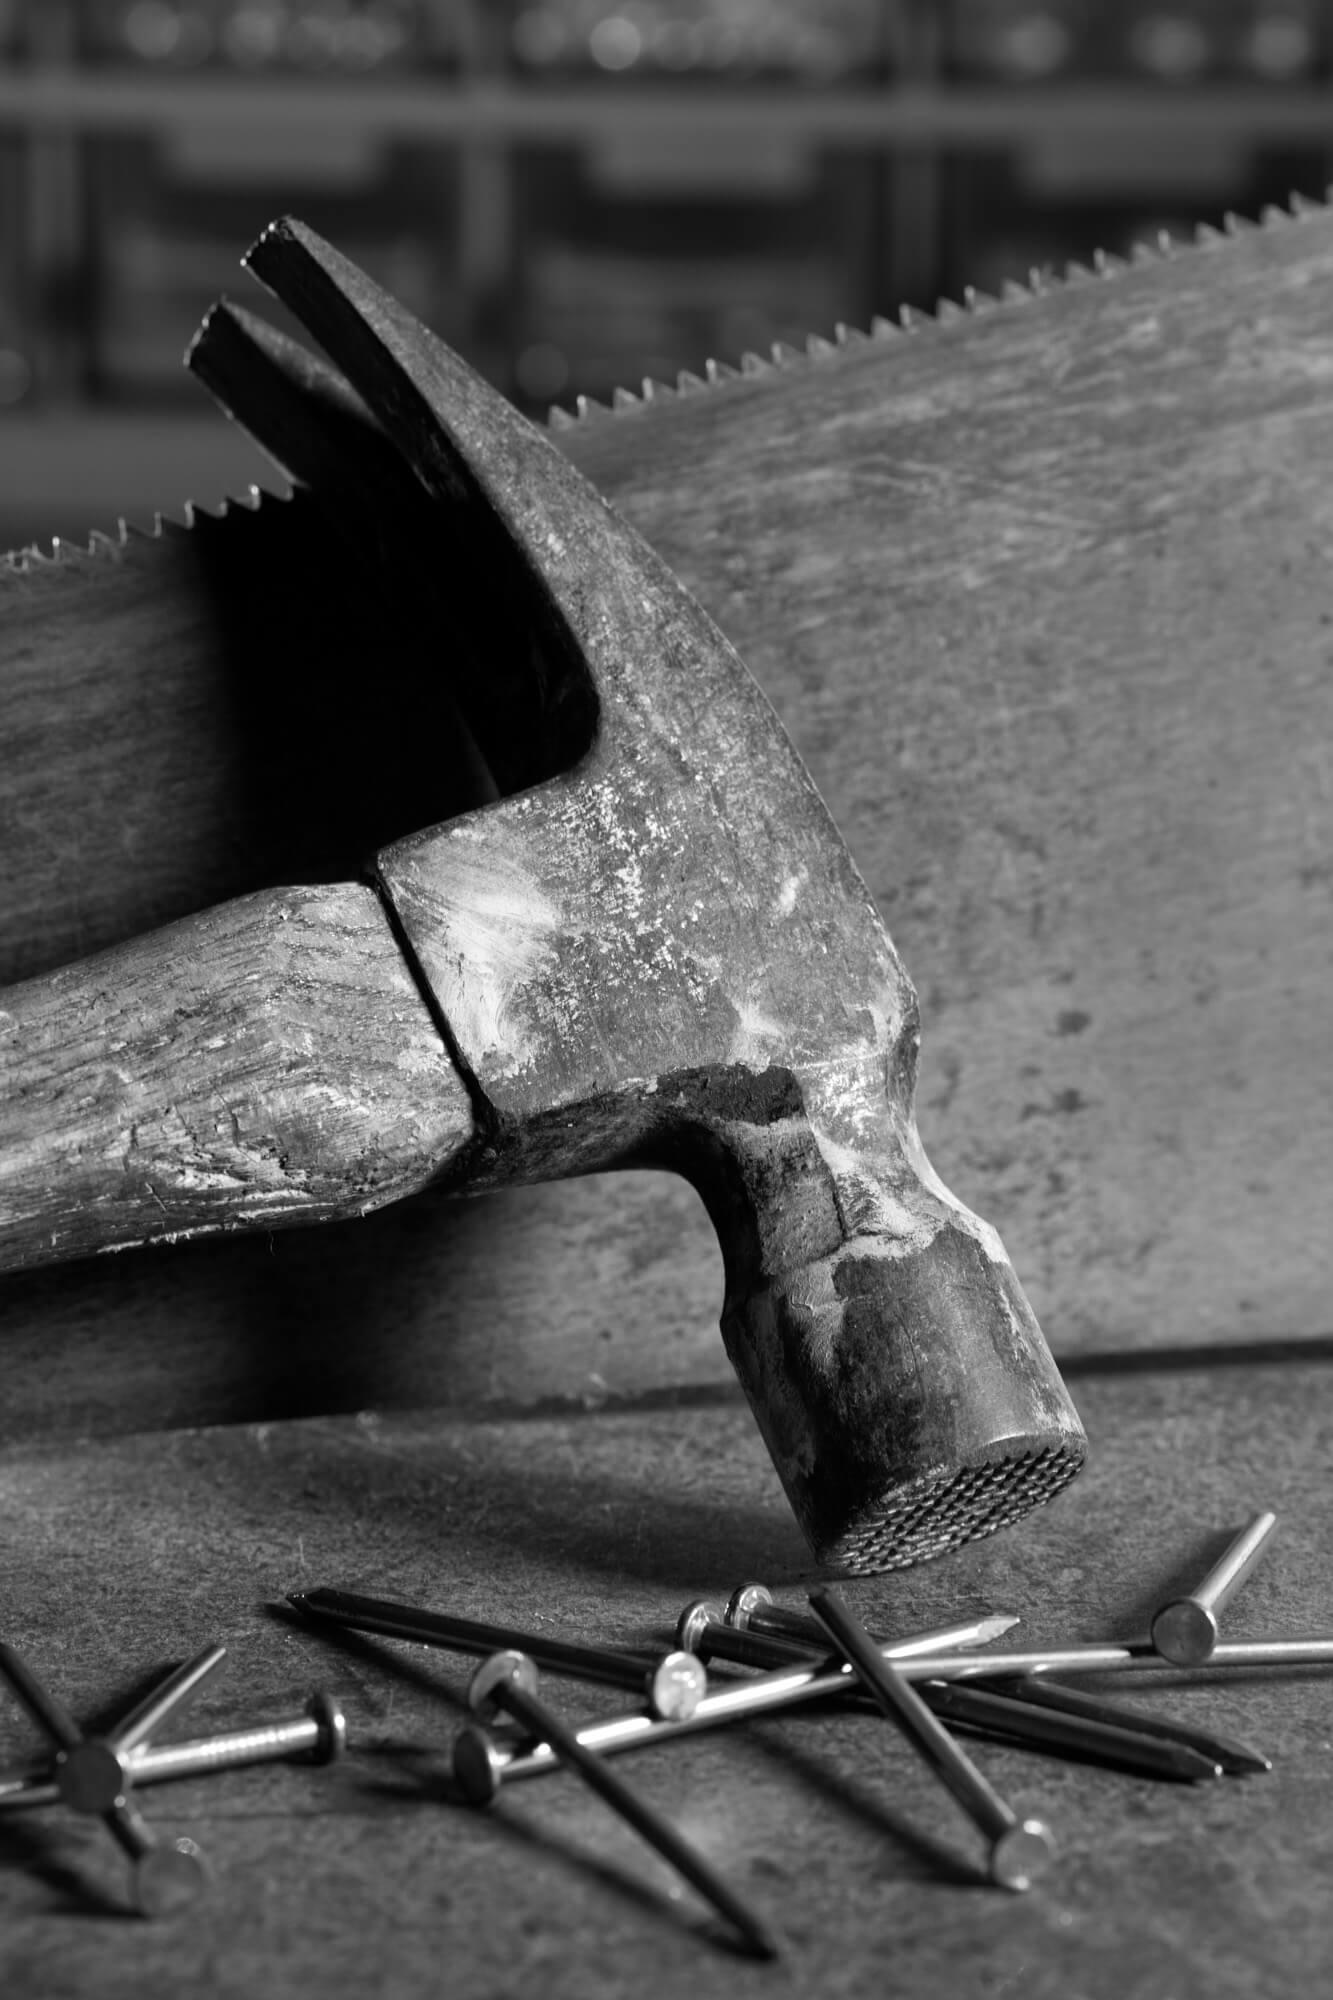 Hammer & Saw